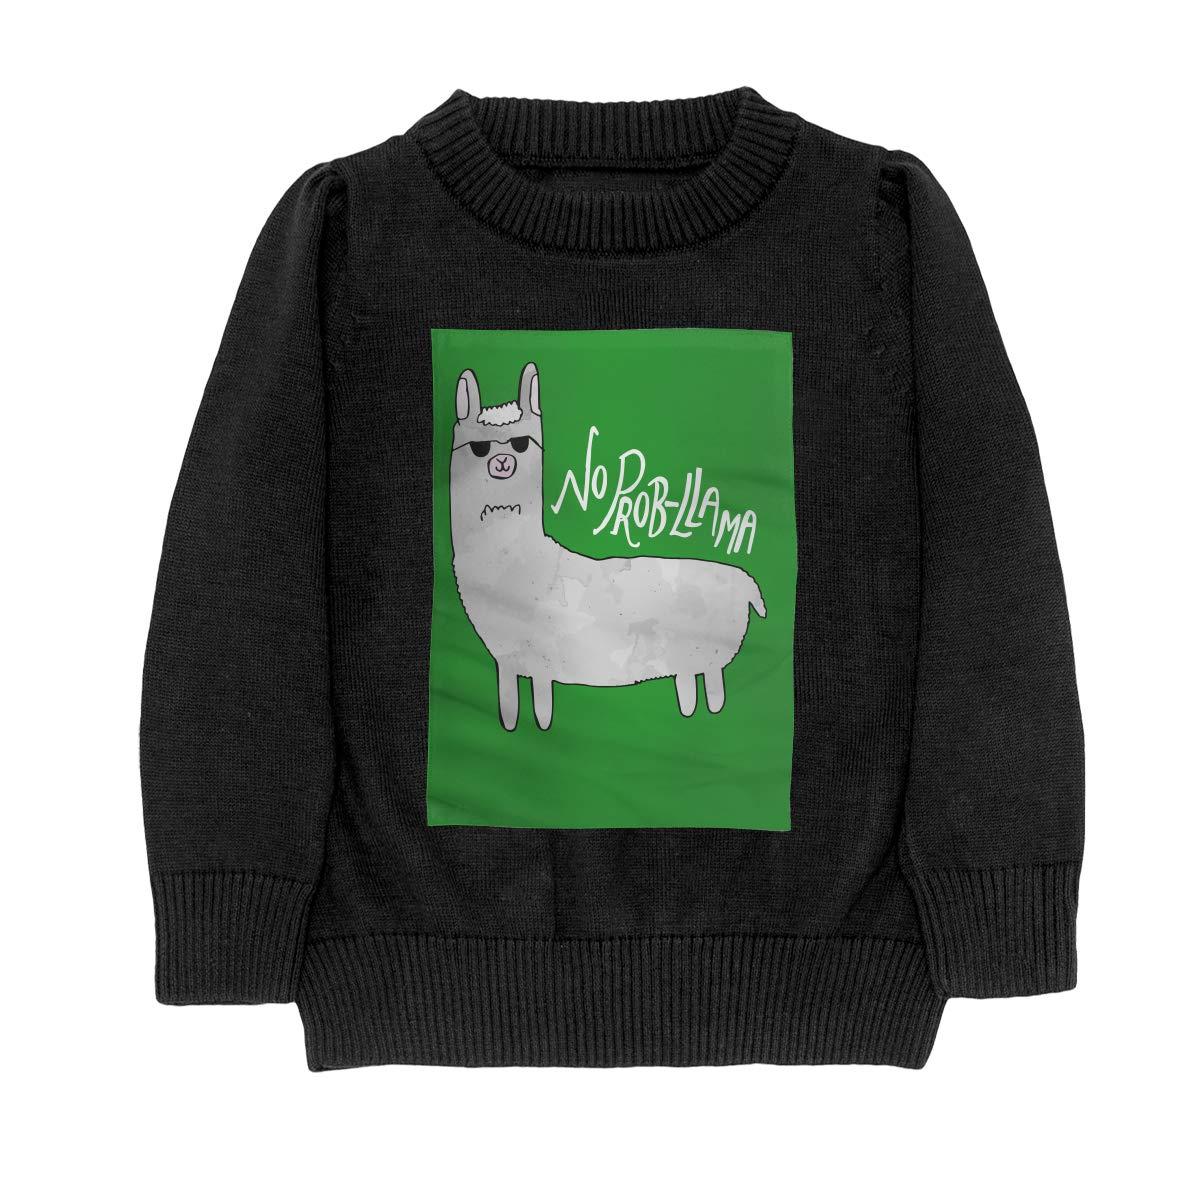 No Prob-Llama Casual Adolescent Boys Girls Unisex Sweater Keep Warm